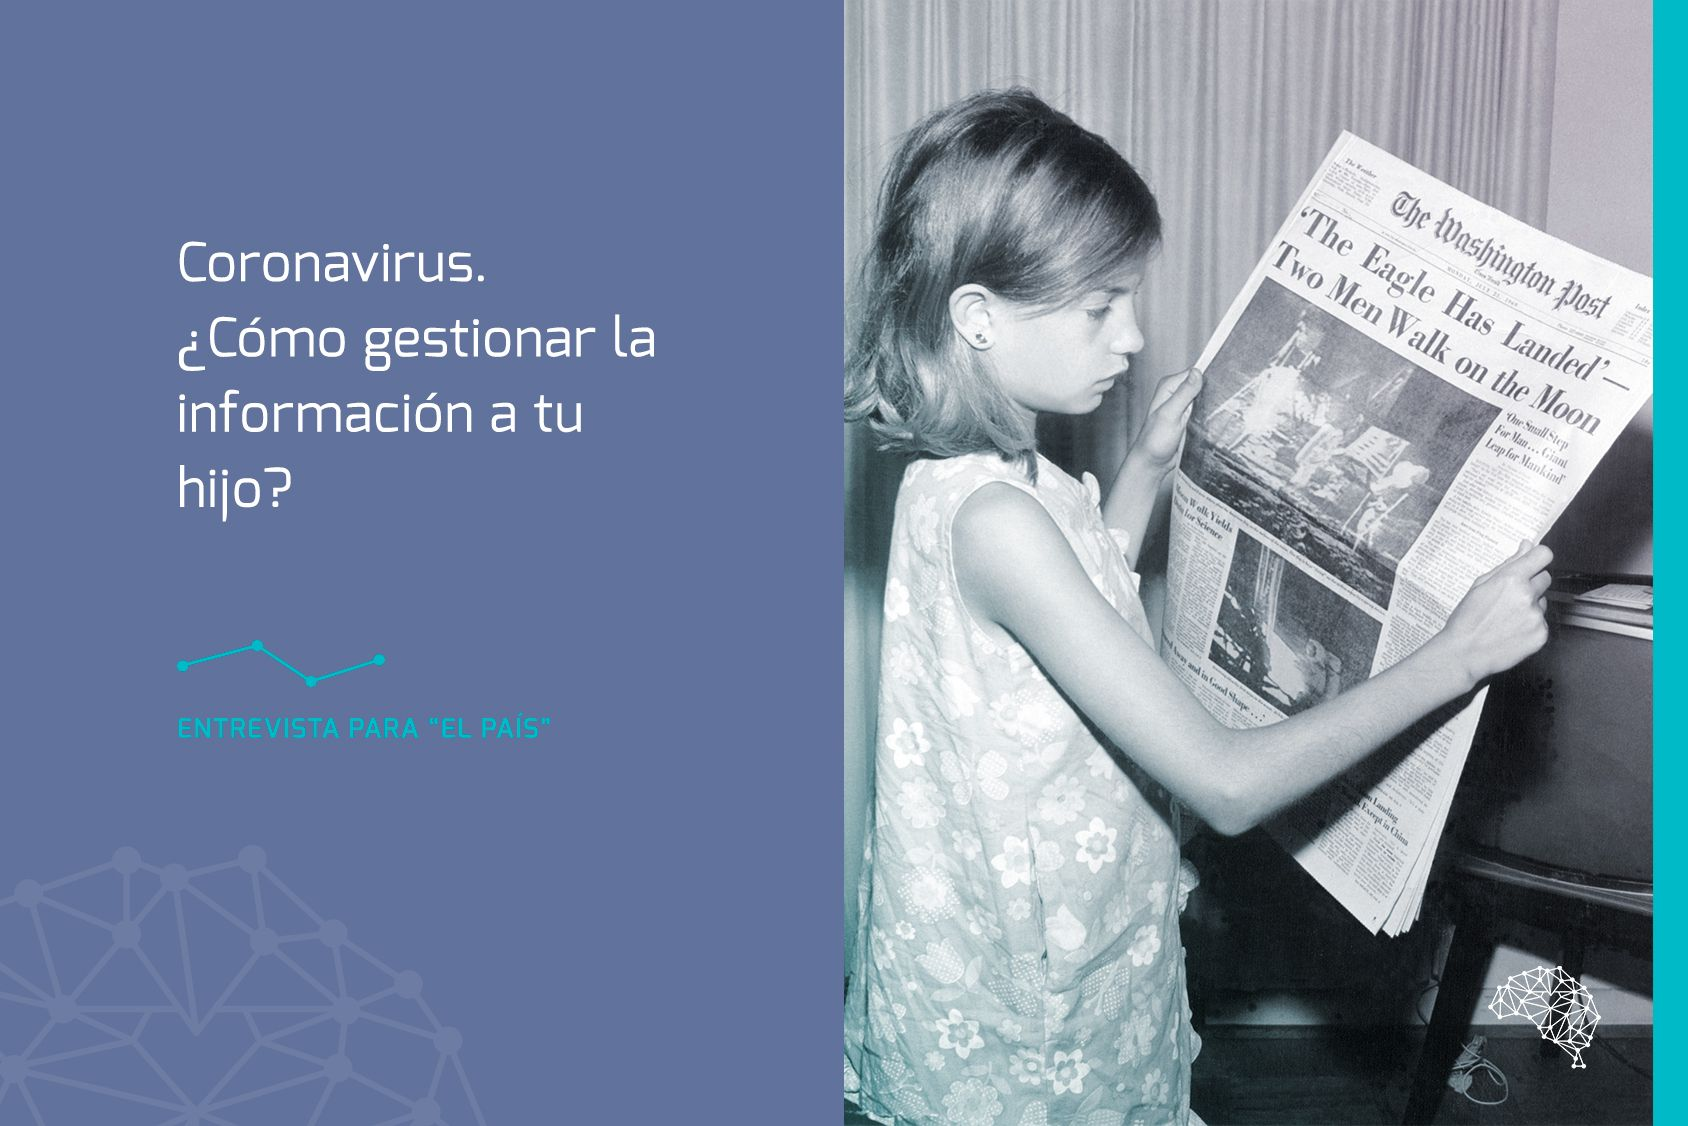 Coronavirus. ¿Cómo gestionar la información a tu hijo?